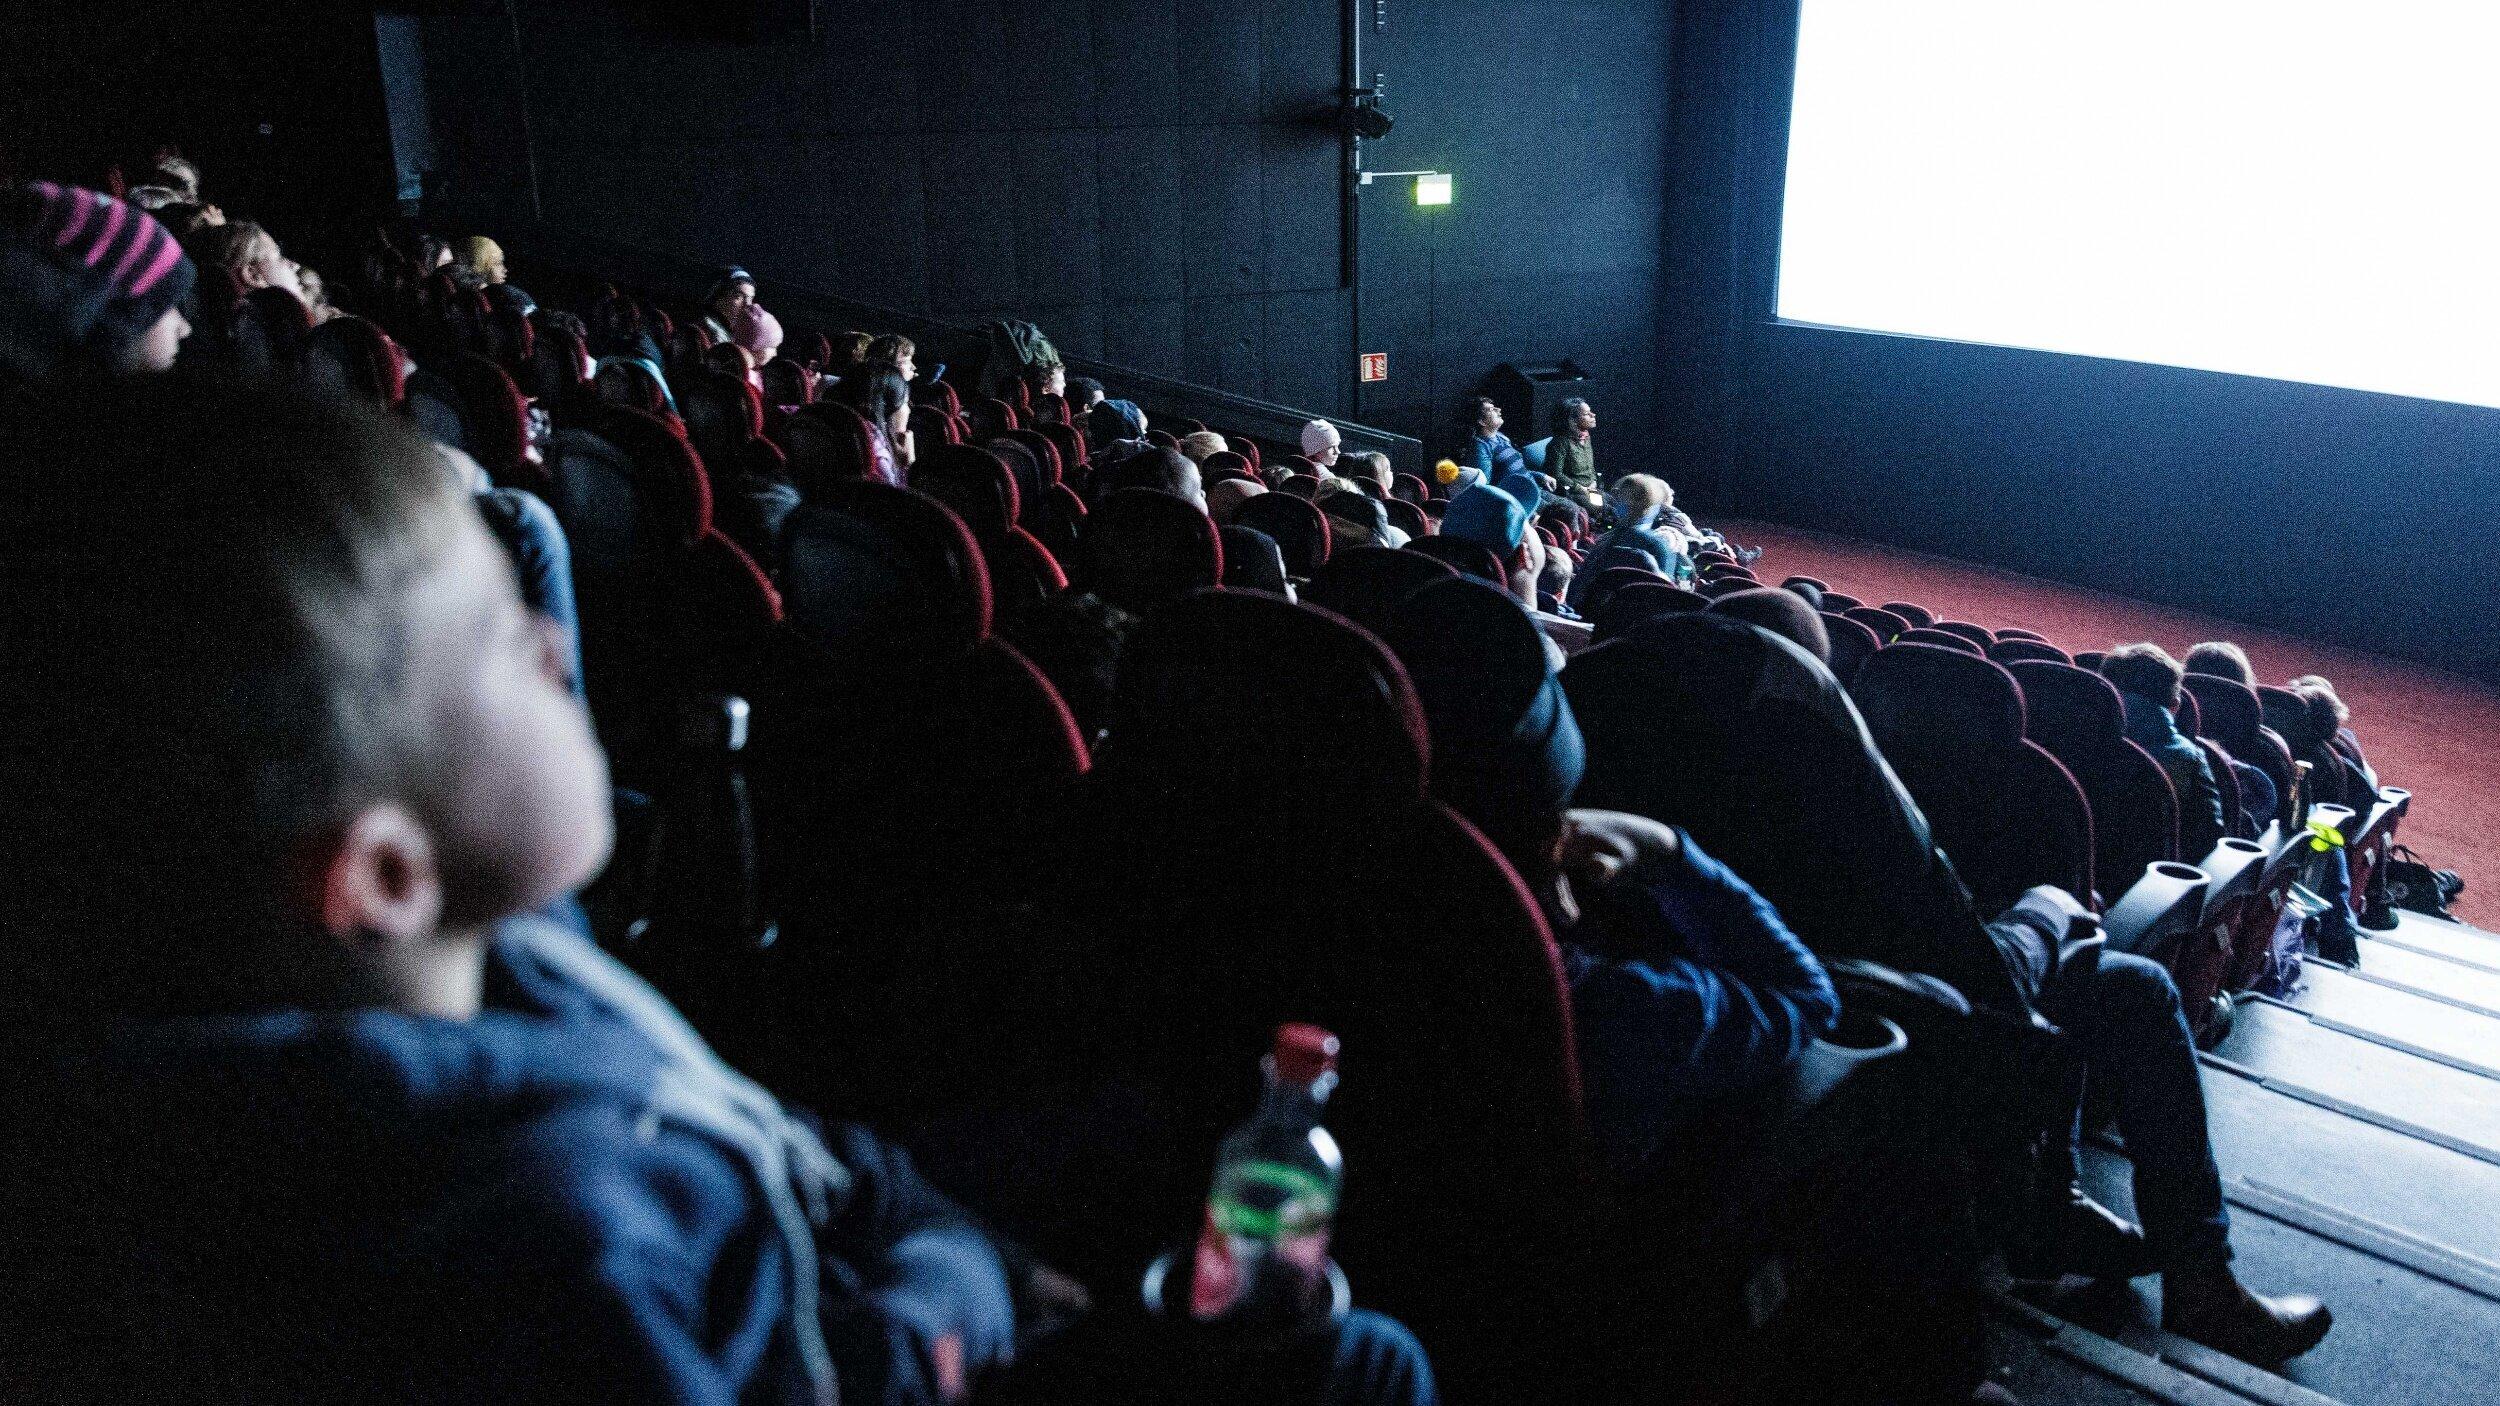 Et medrevet publikum følger med på visningen. Foto: Alf Andreas Grønli Simensen.